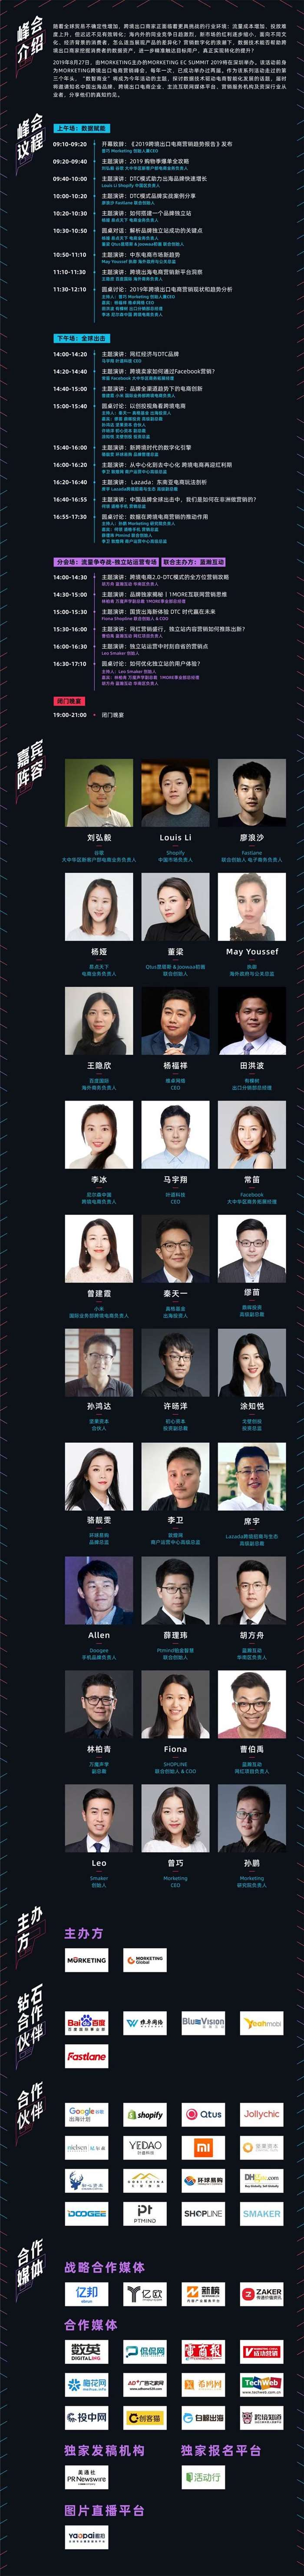 深圳电商峰会-活动行详情页面长图.jpg